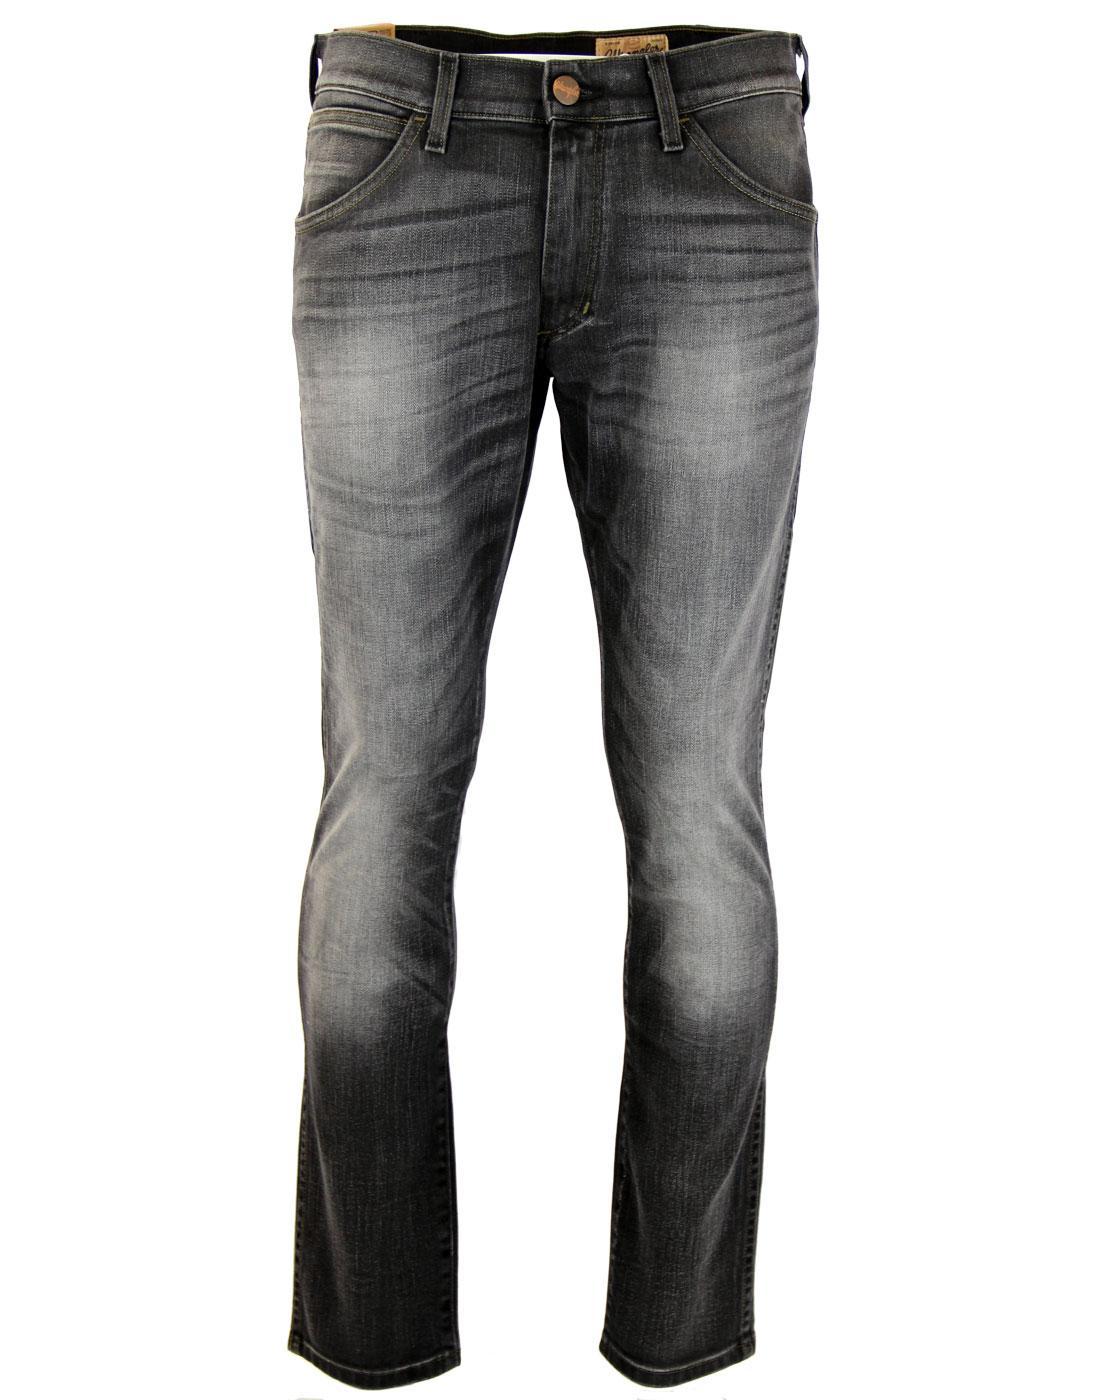 Bryson WRANGLER Retro Black Cat Denim Skinny Jeans